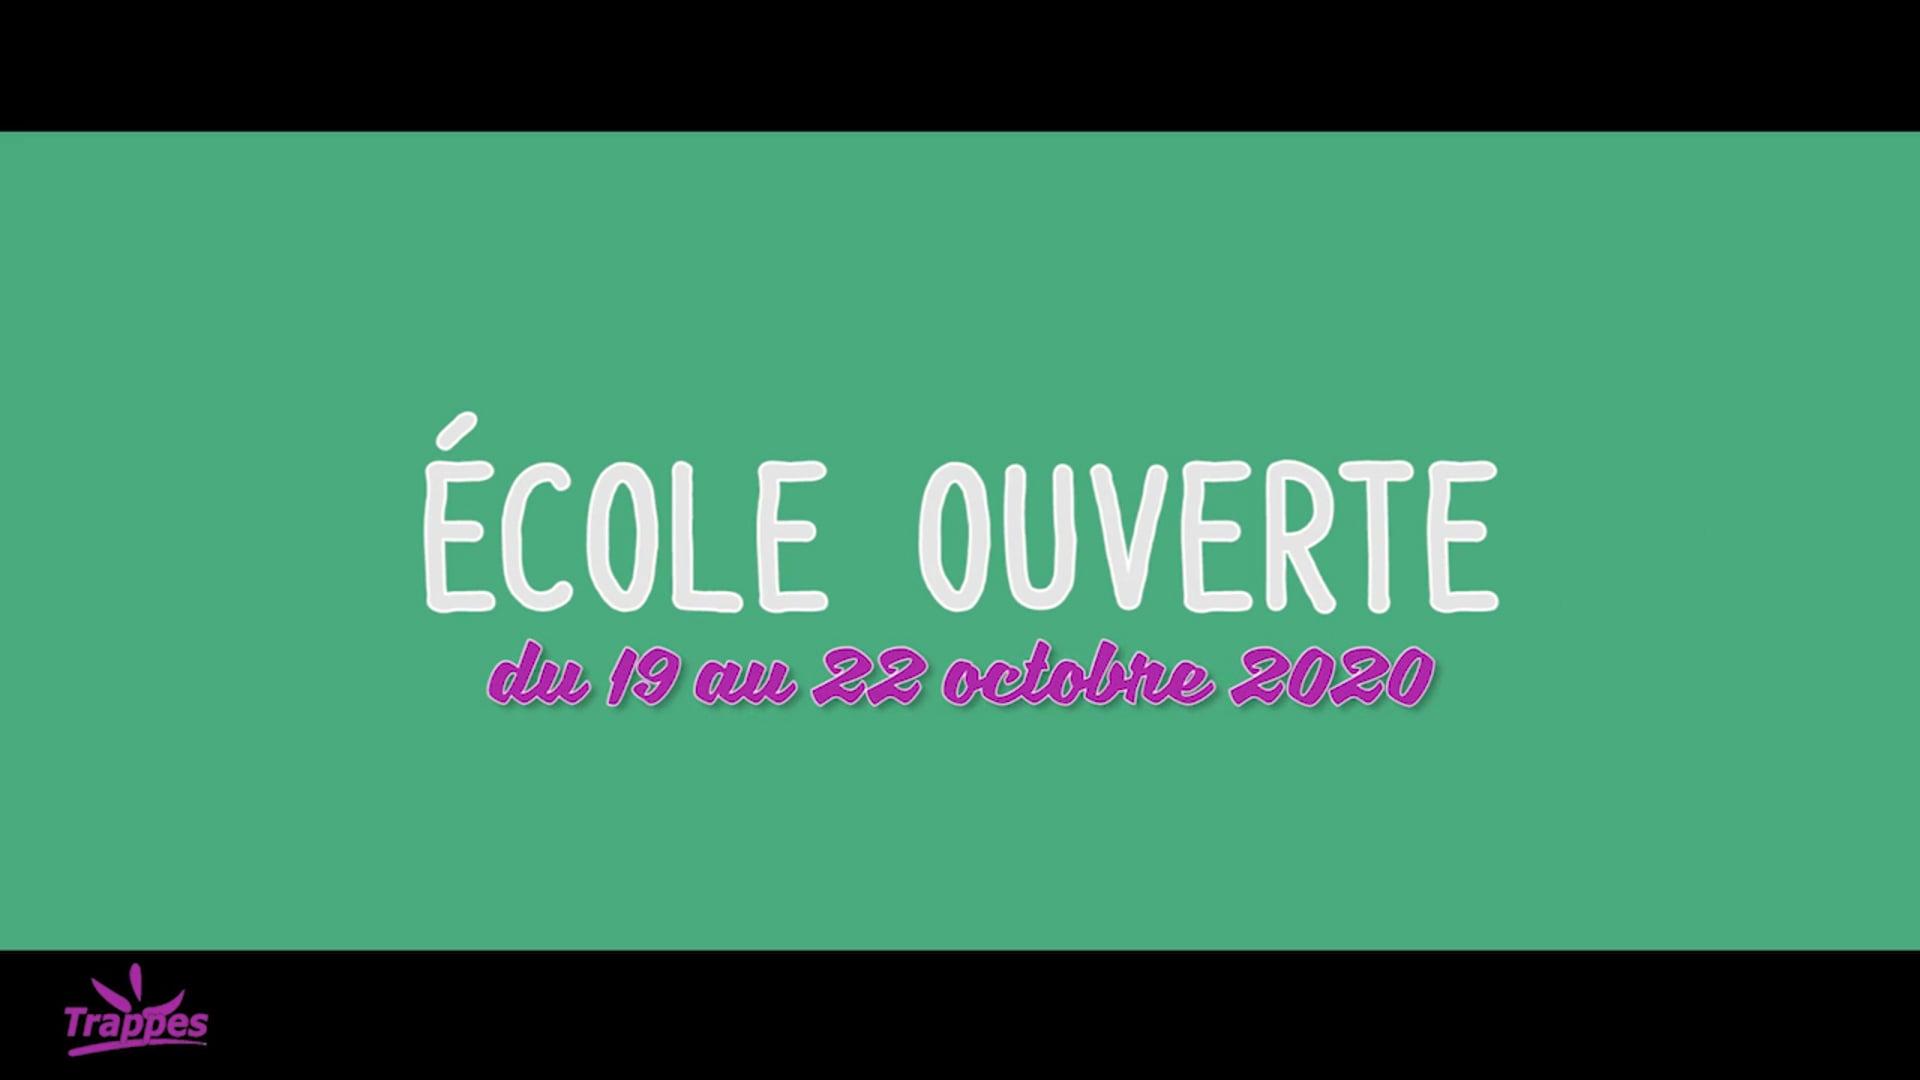 Ecole Ouverte - Octobre 2020 - Ville de Trappes